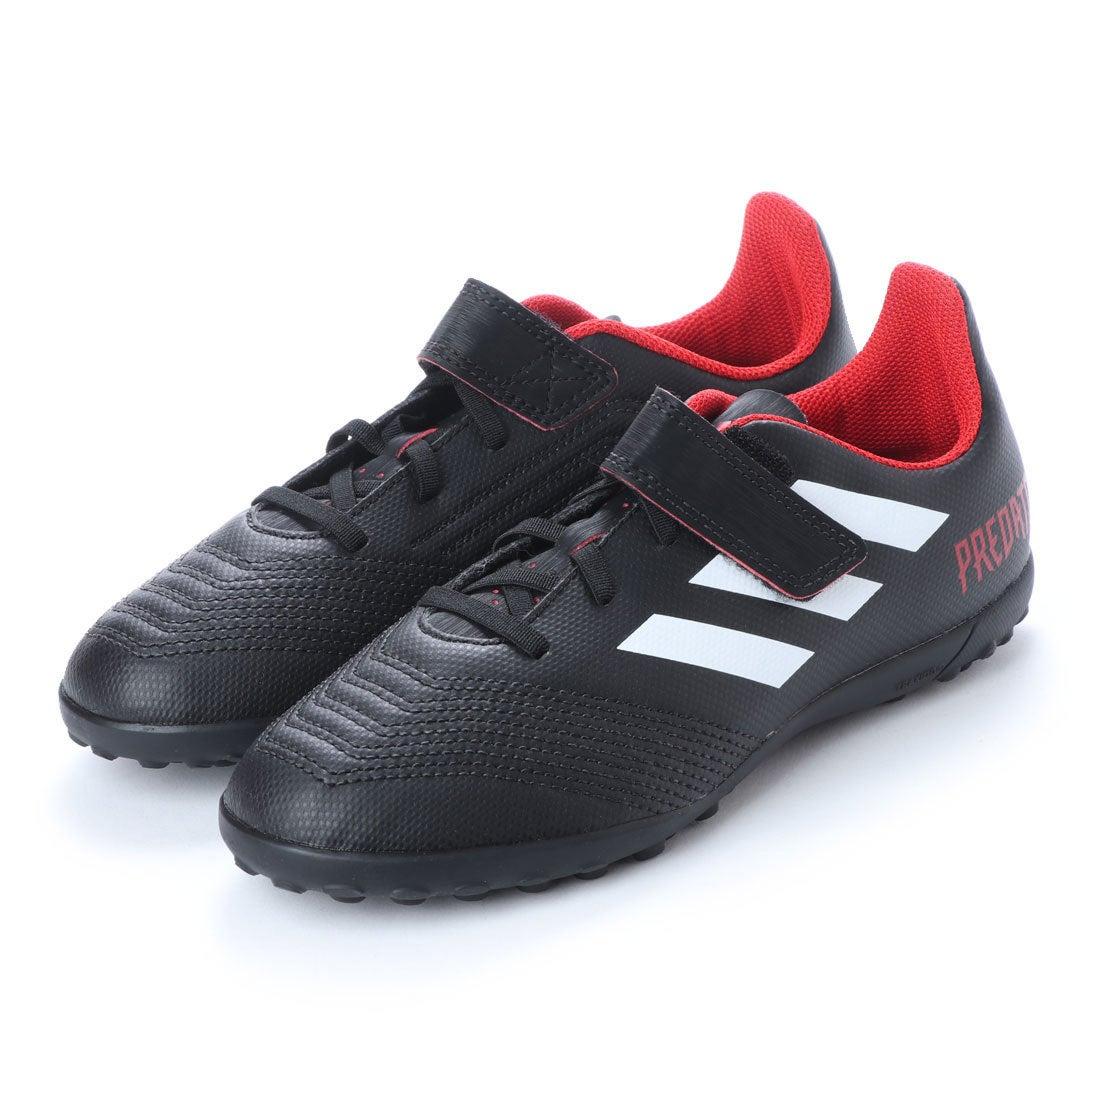 【SALE 10%OFF】アディダス adidas ジュニア サッカー トレーニングシューズ プレデタータンゴ18.4TFJベルクロ DB2341